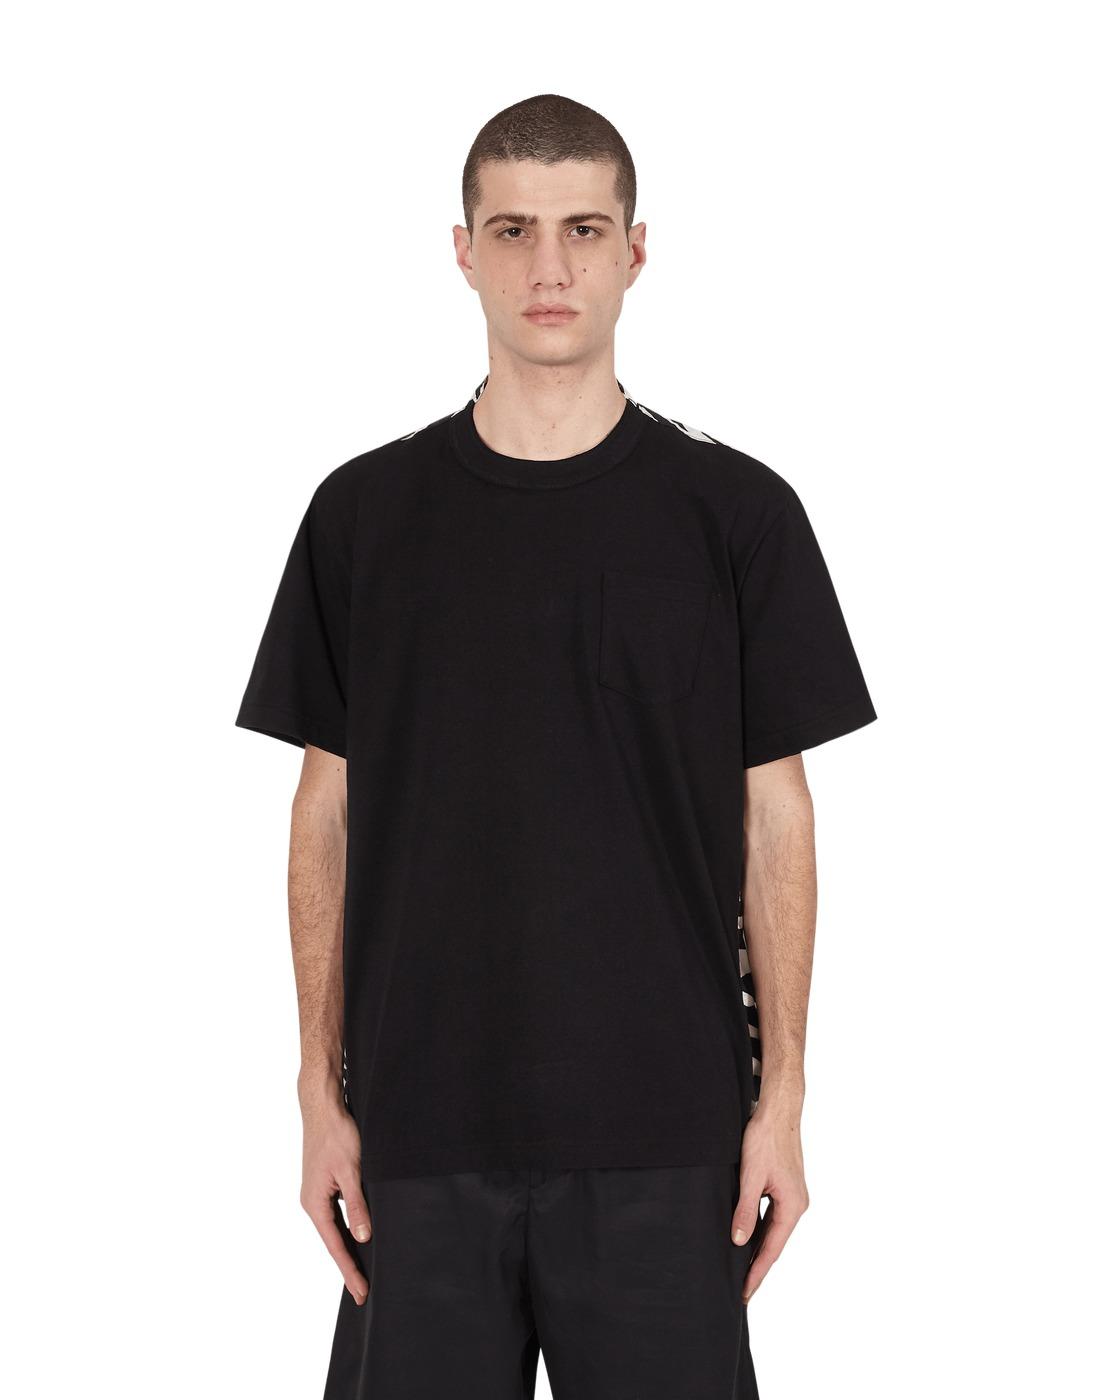 Sacai Zebra Print T Shirt White×Black